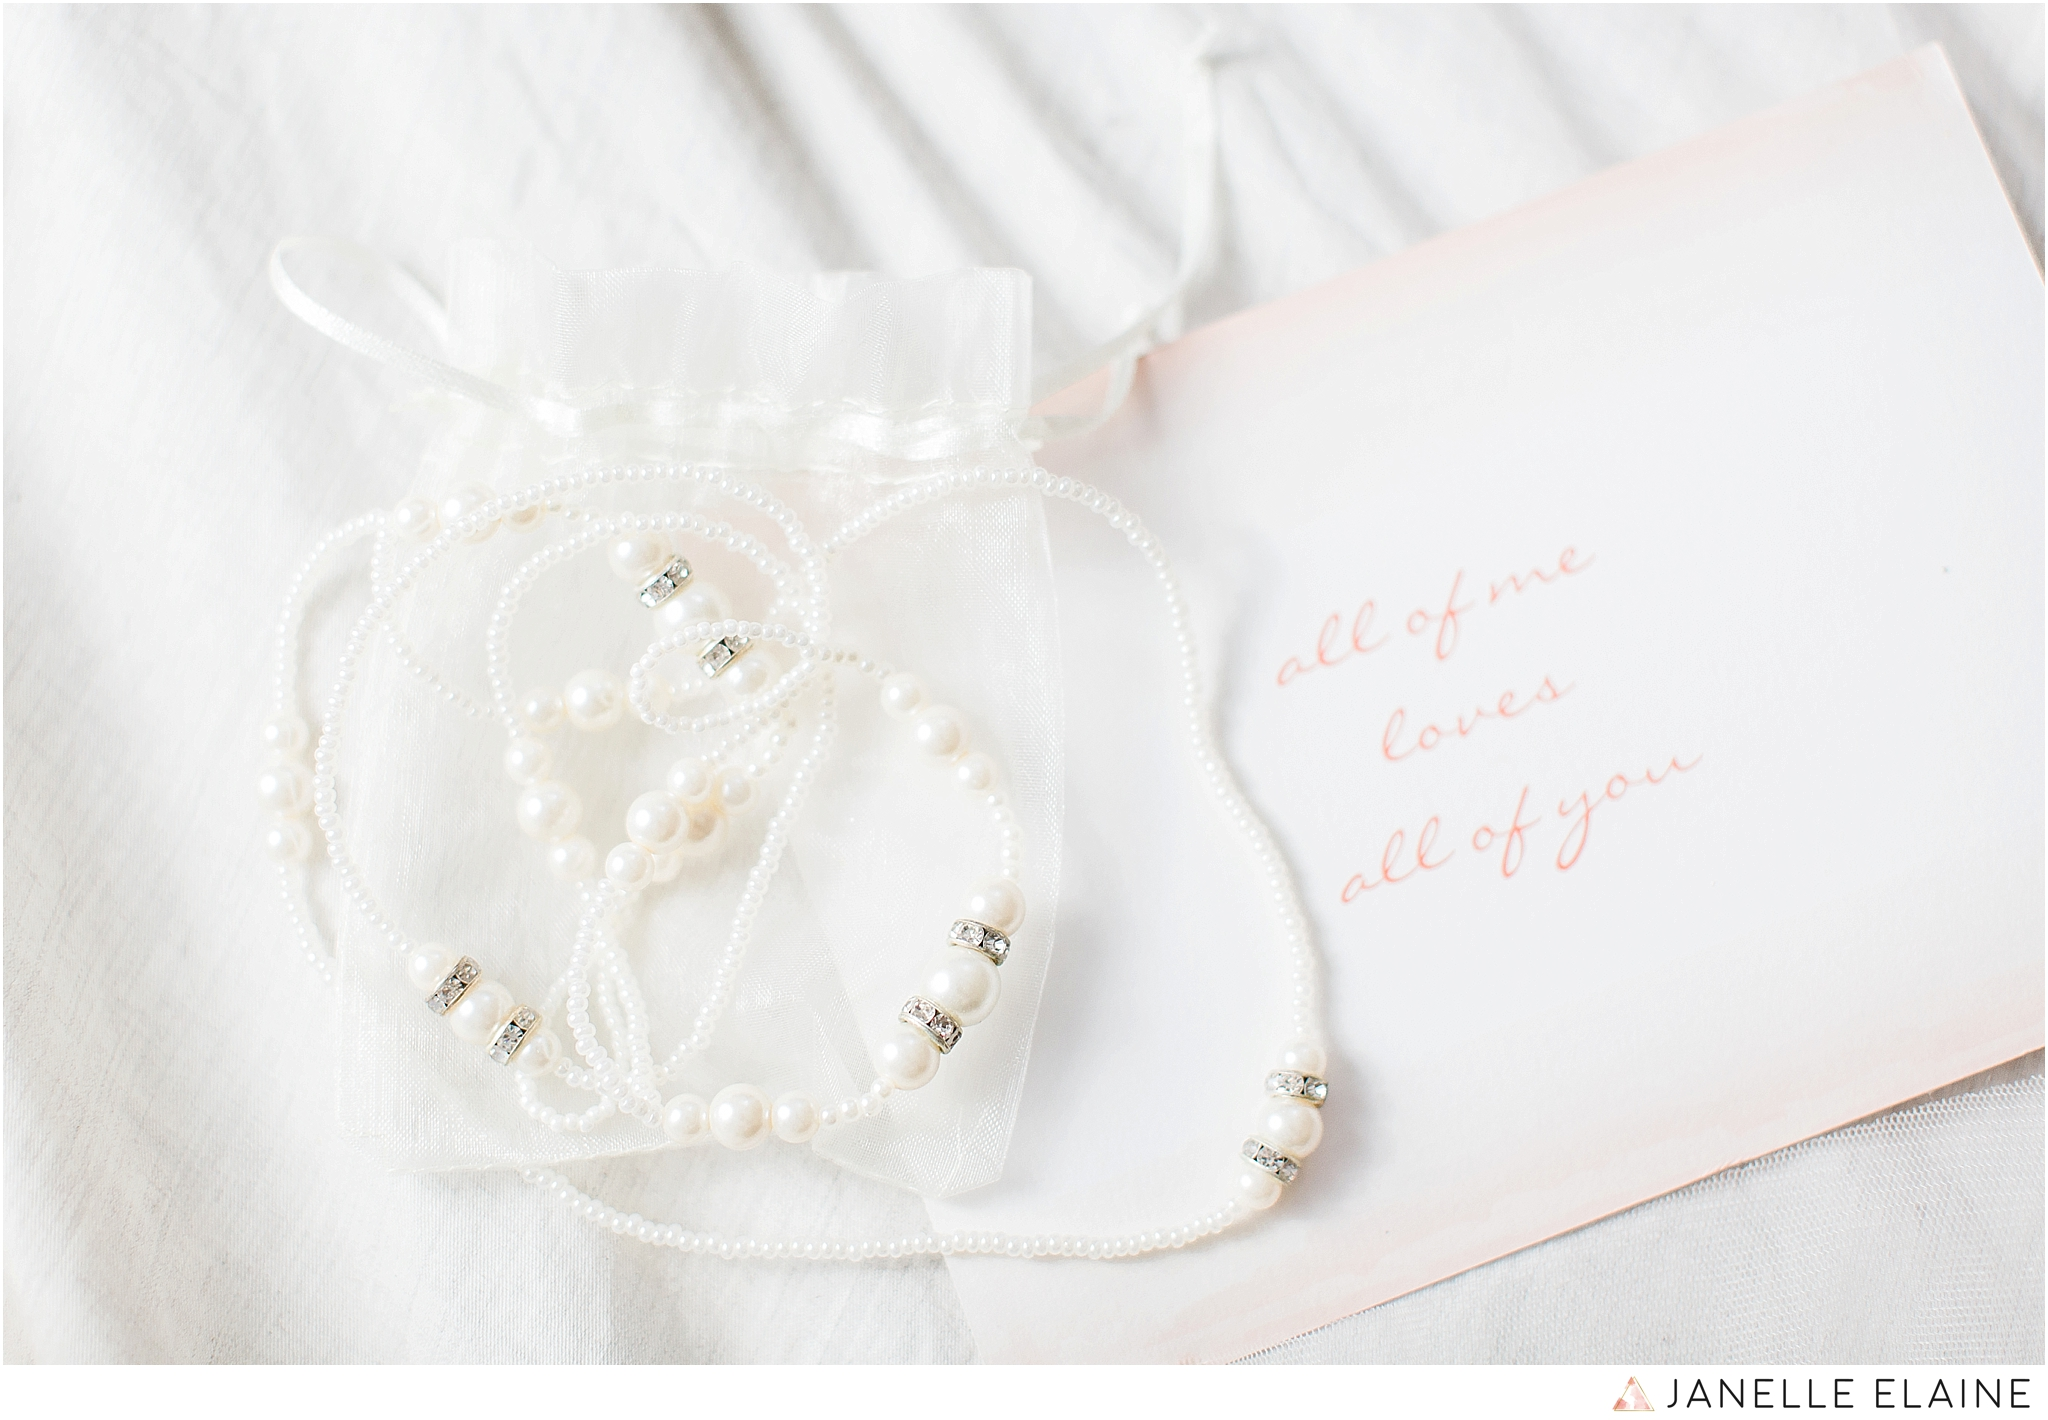 janelle elaine photography-wedding photography box-17.jpg